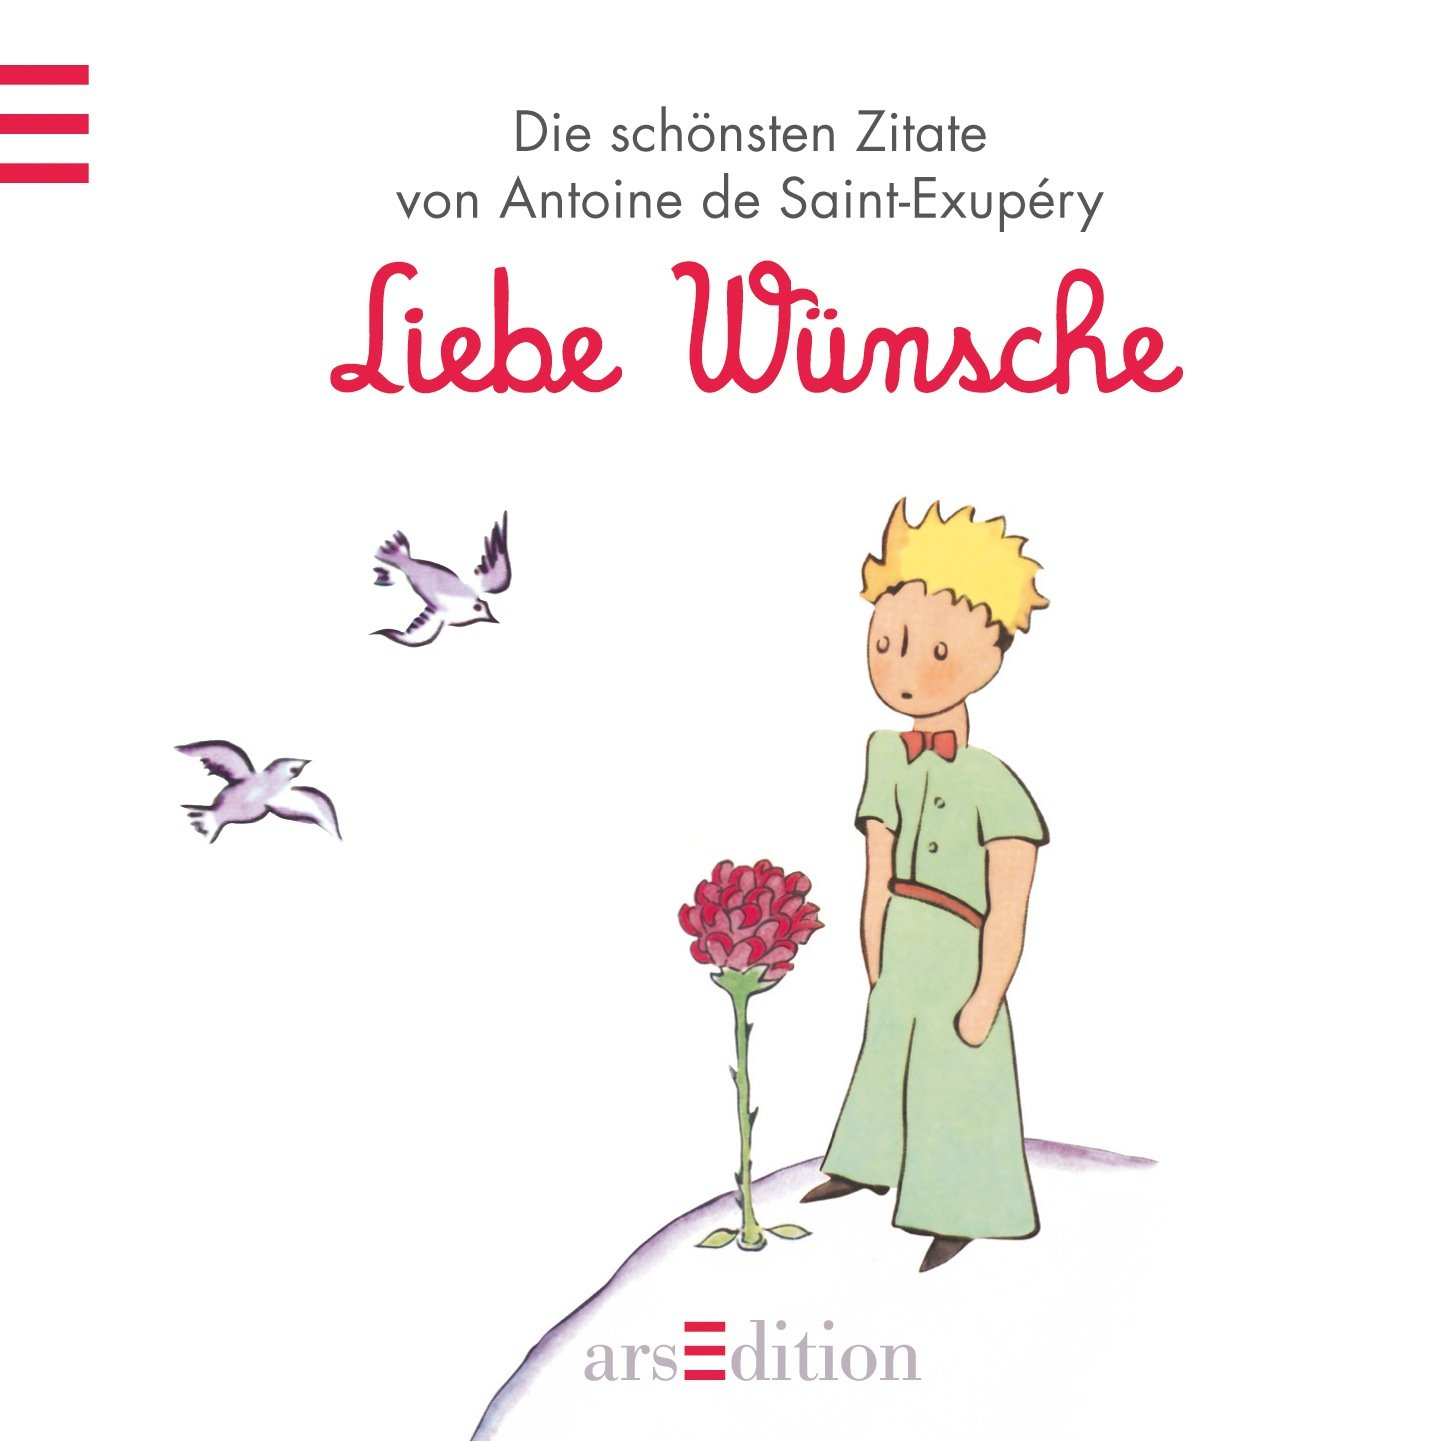 Zitate Geburtstag Der Kleine Prinz